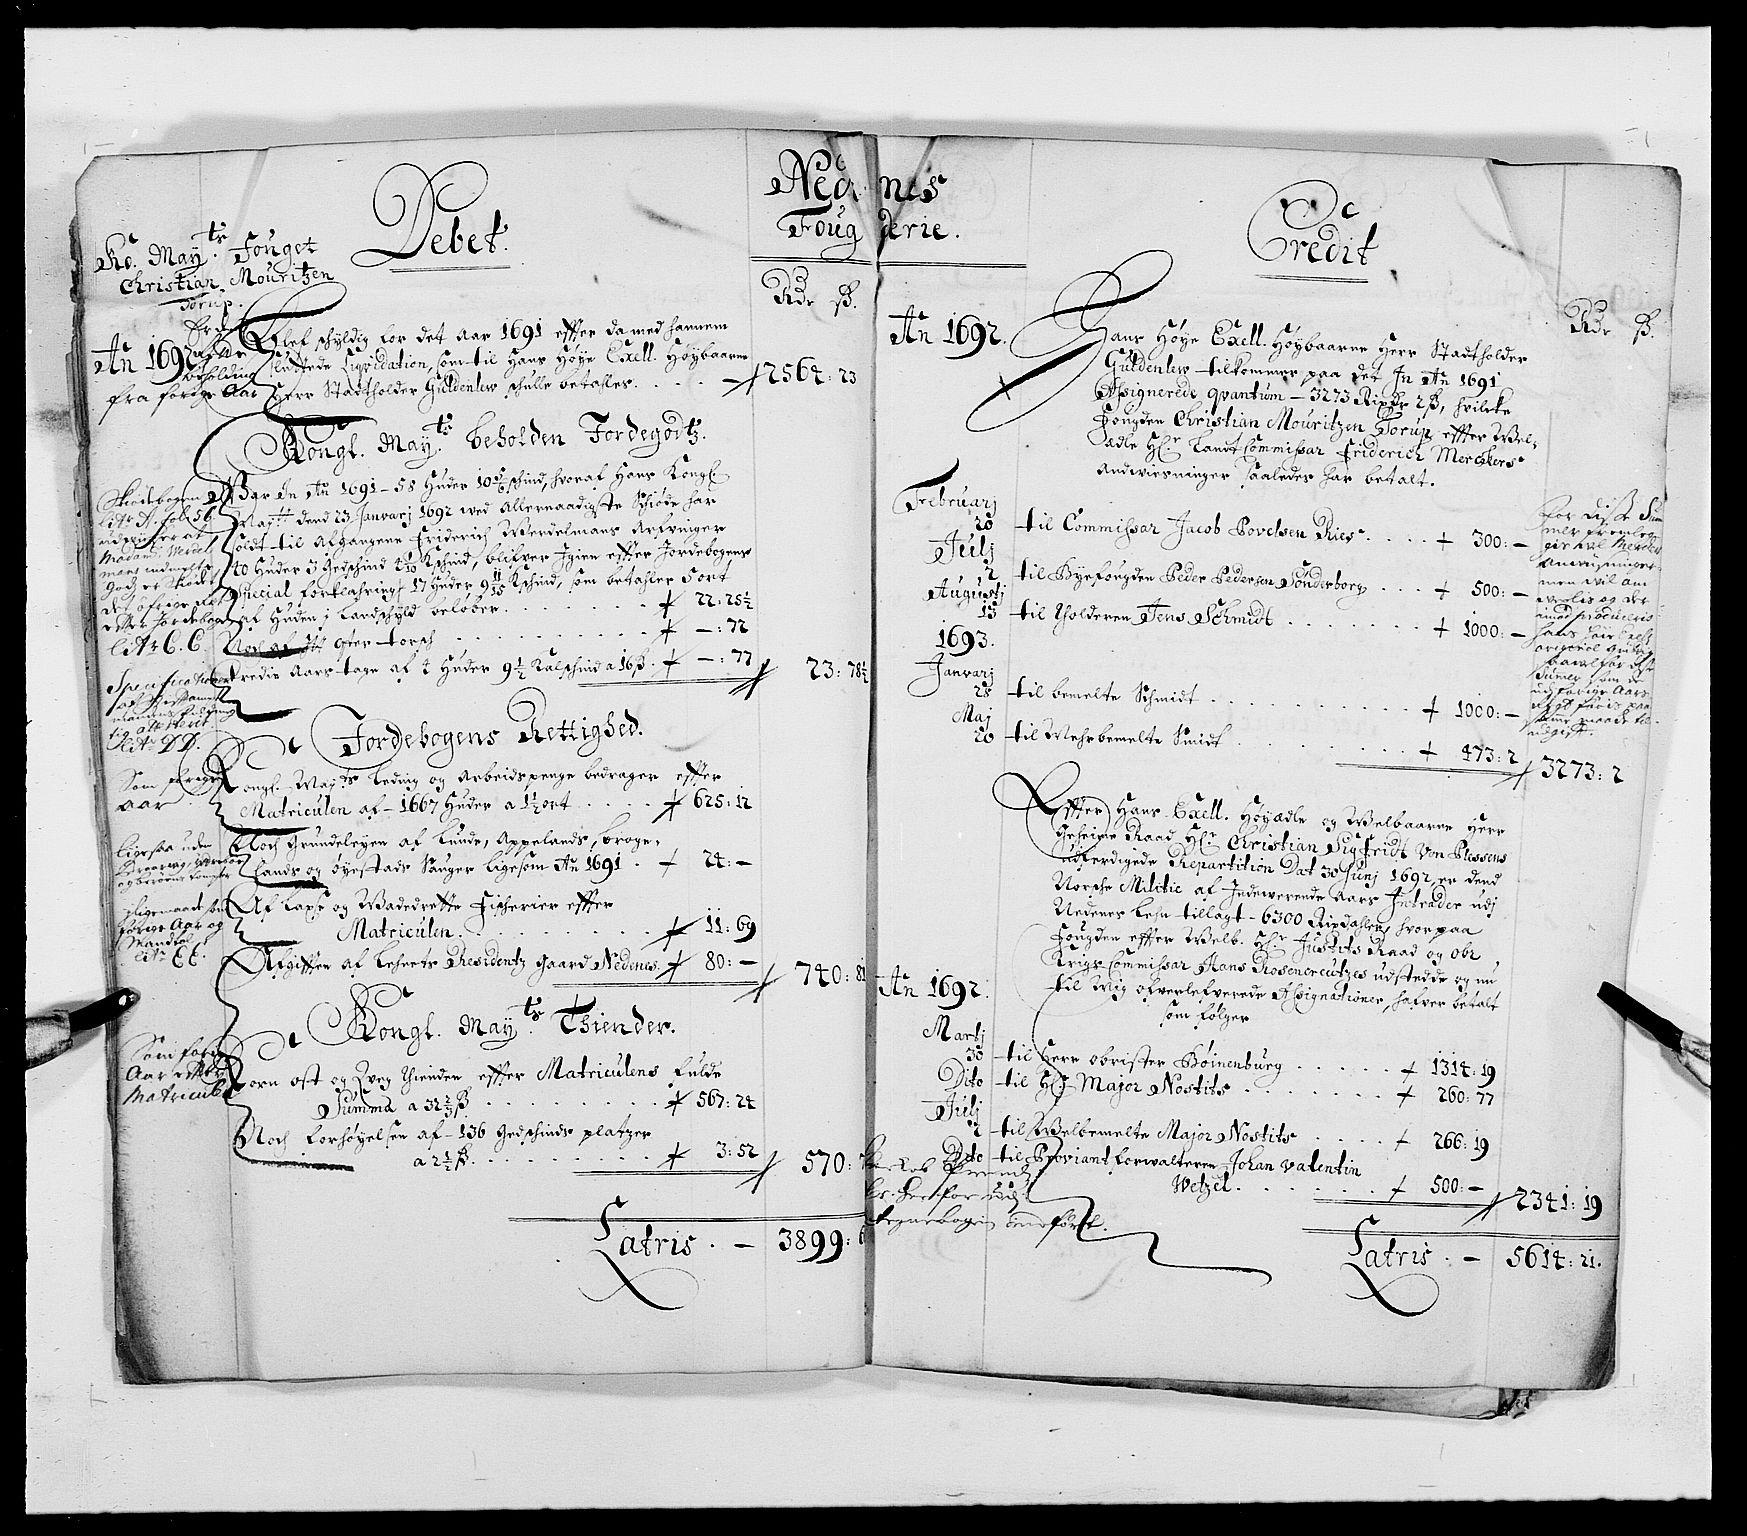 RA, Rentekammeret inntil 1814, Reviderte regnskaper, Fogderegnskap, R39/L2310: Fogderegnskap Nedenes, 1690-1692, s. 16